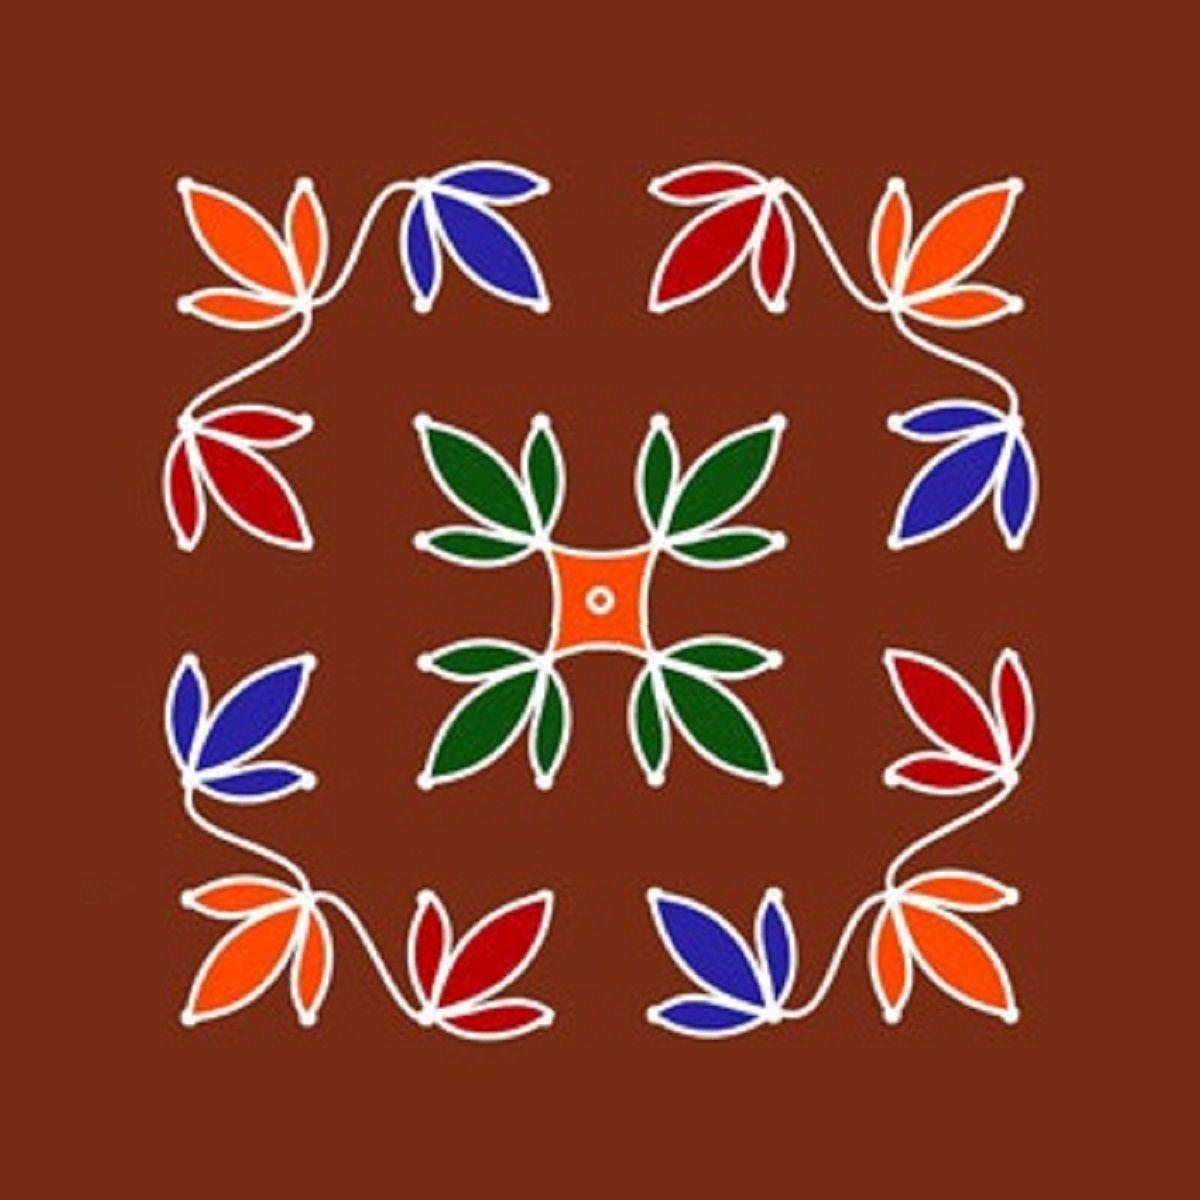 Easy Flower Dot Rangoli Design Rangoli Designs Pinterest Rangoli Designs And Diwali Rangoli